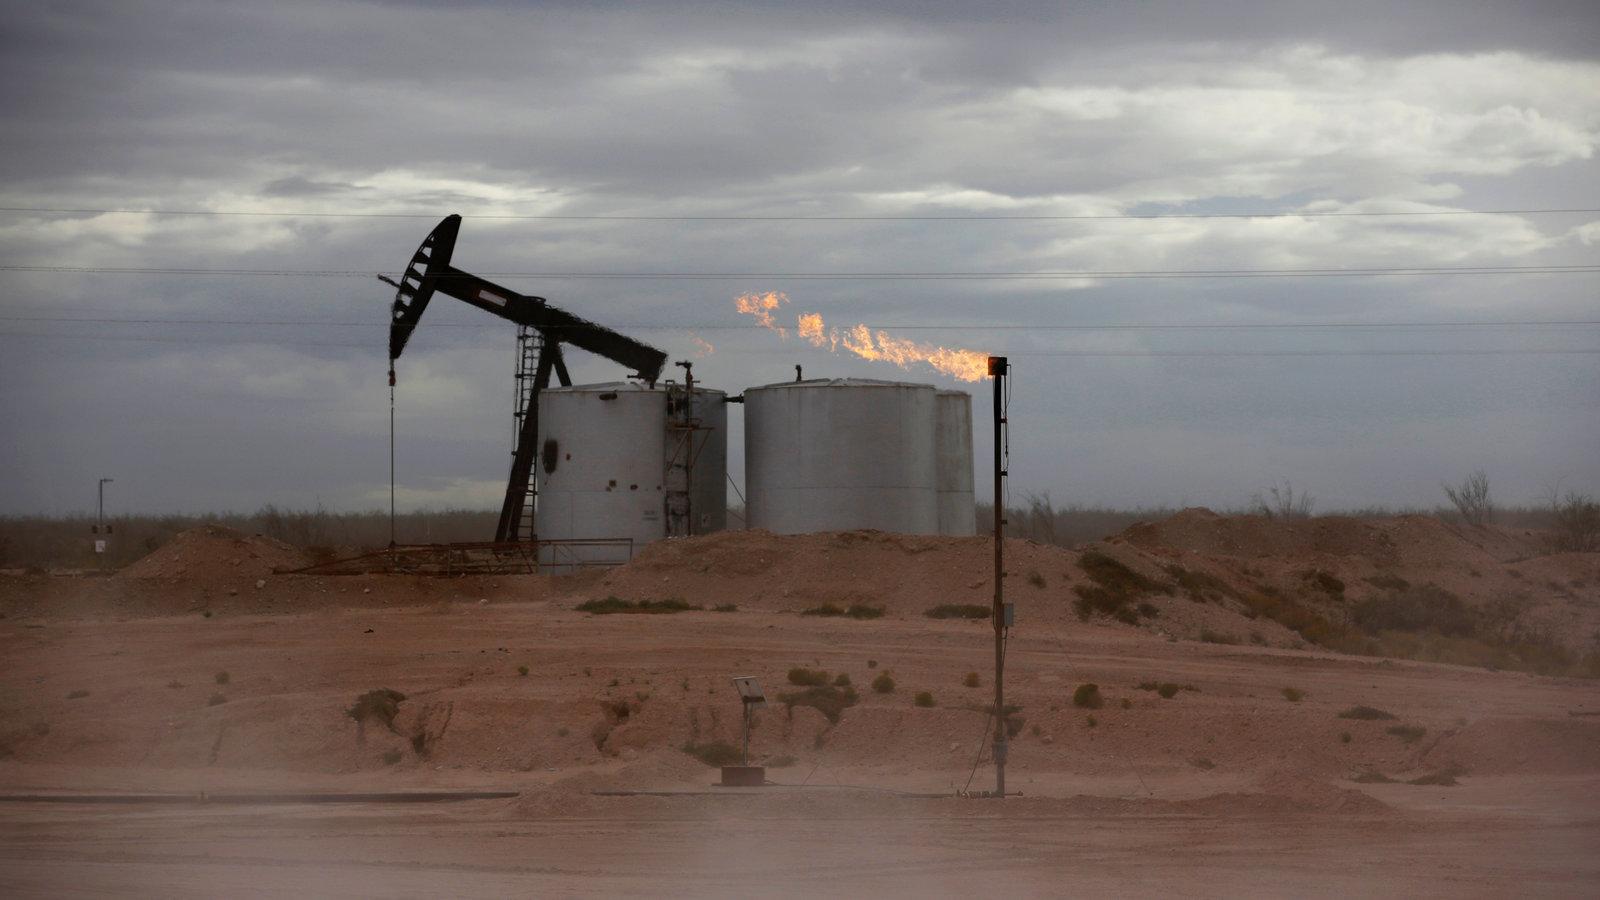 Ngành công nghiệp dầu đá phiến của Mỹ đứng trước nguy cơ sụp đổ, Nhà Trắng đang làm gì? - Ảnh 1.